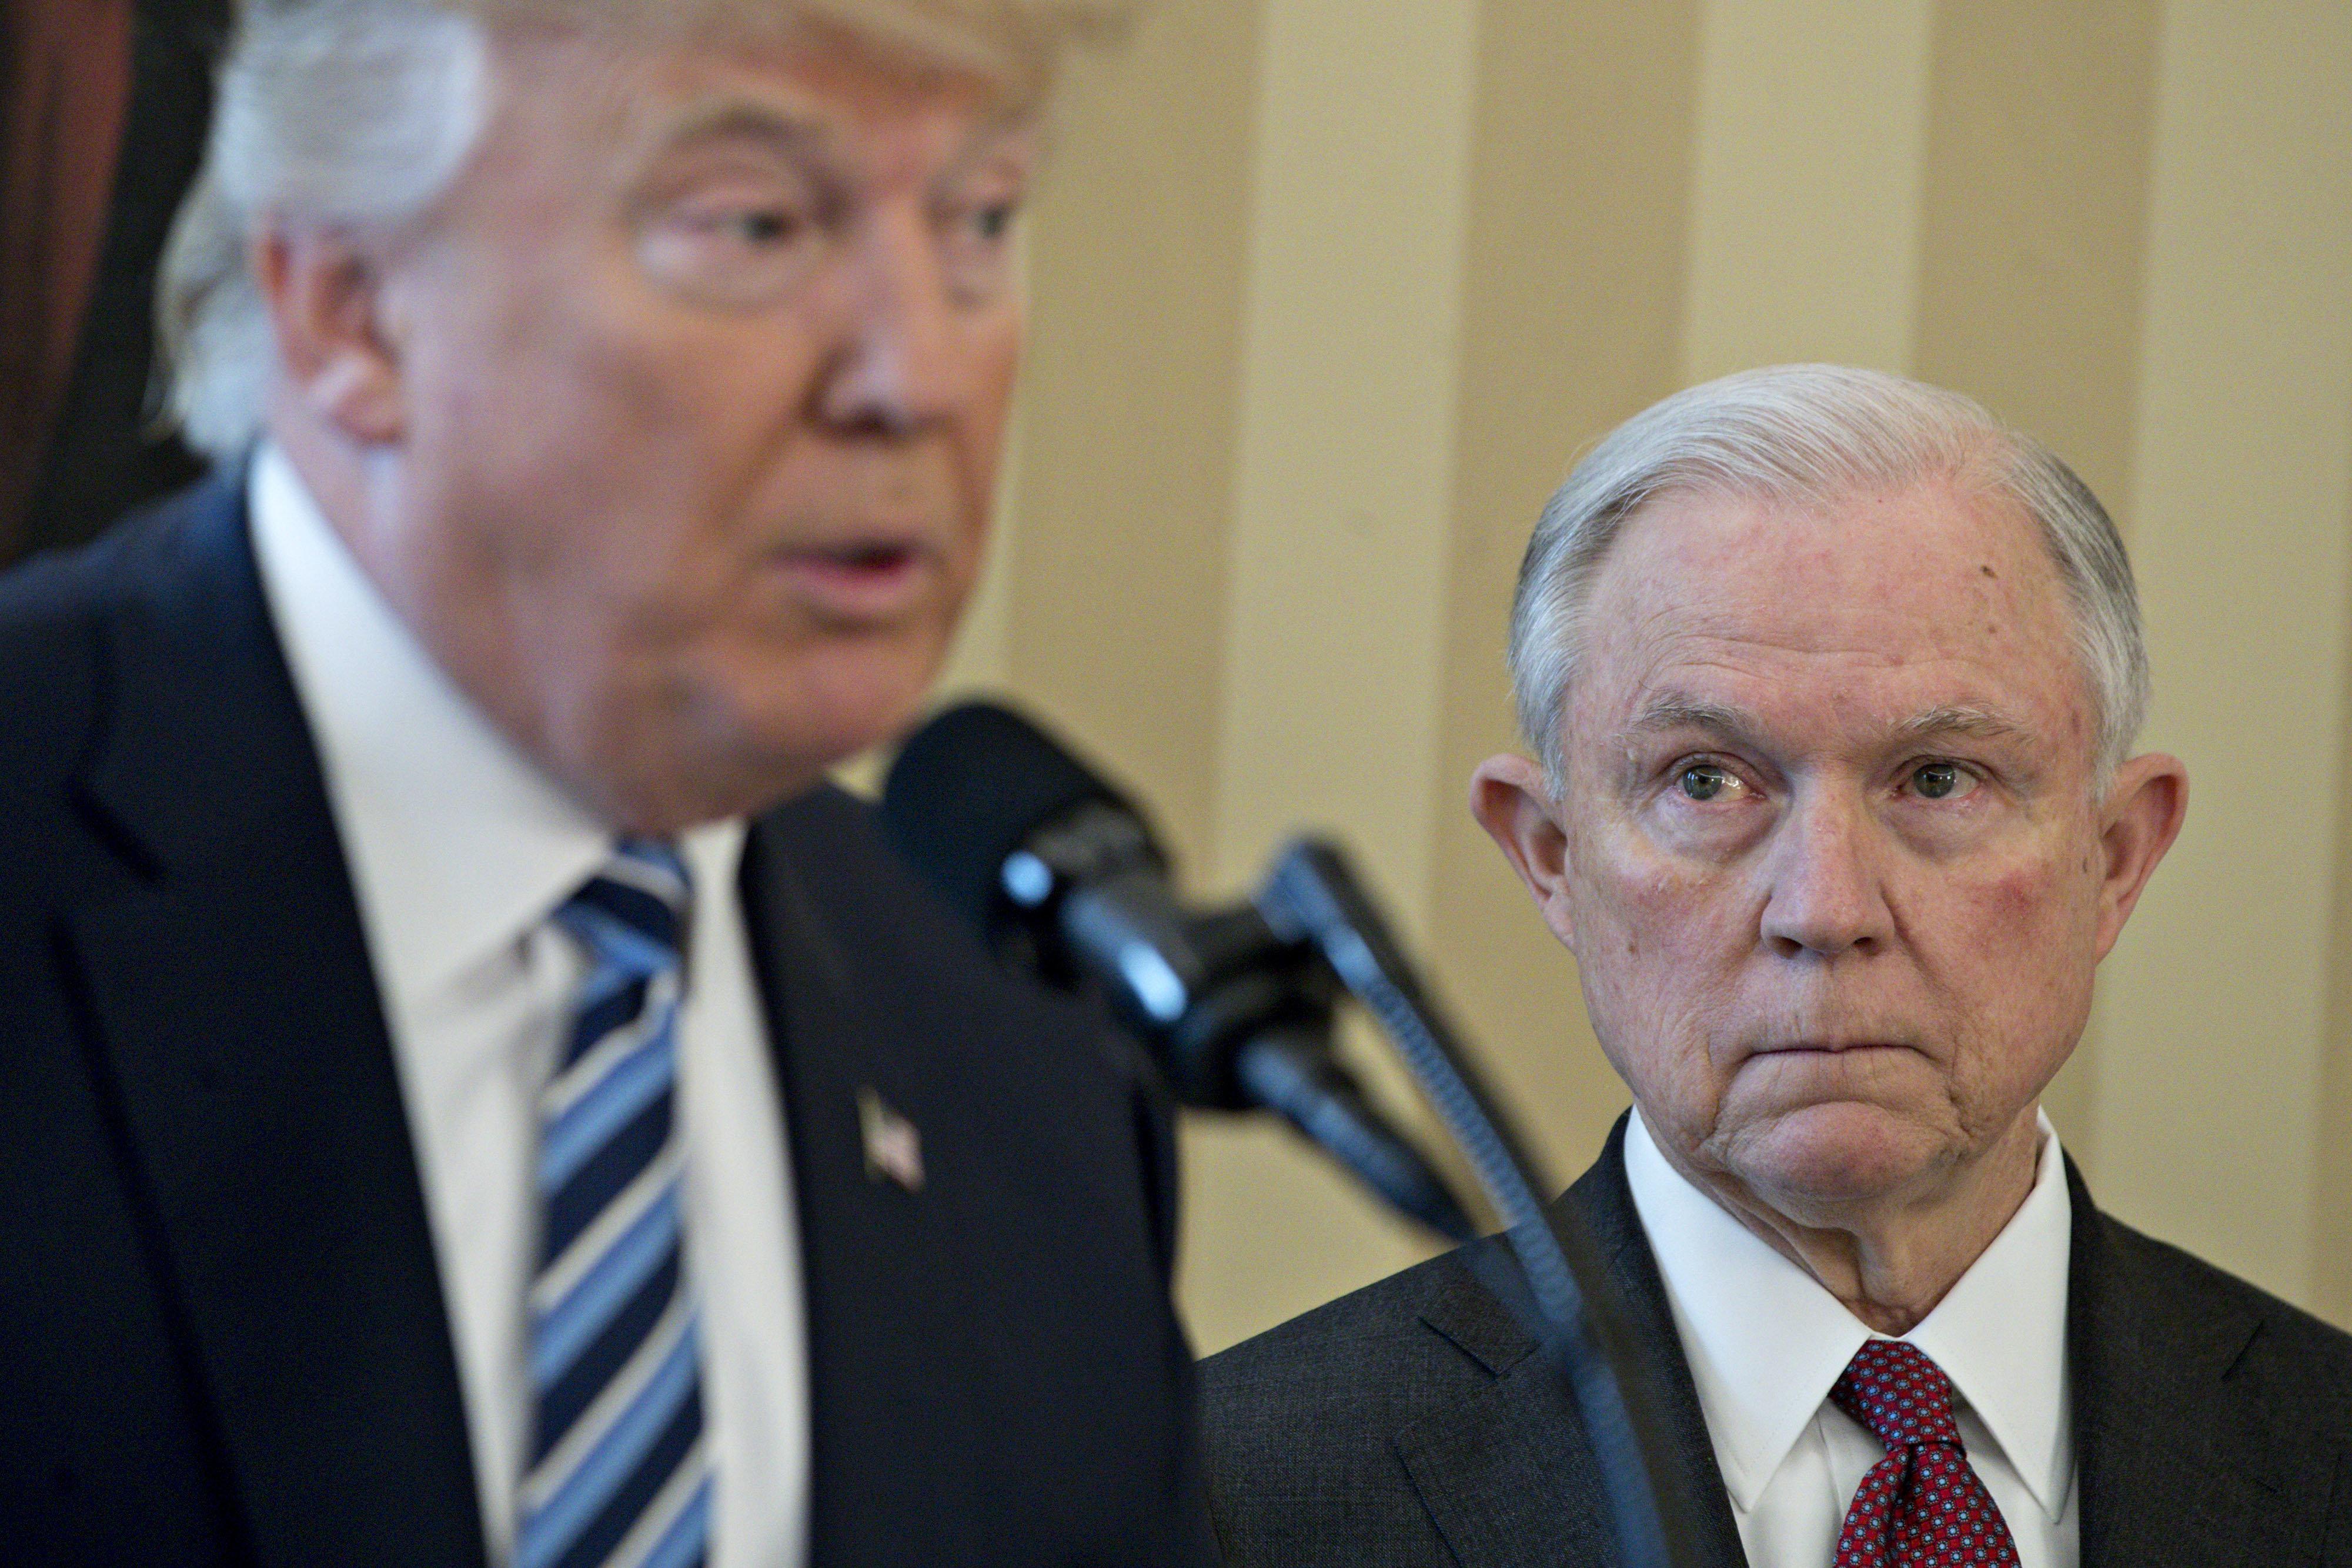 트럼프는 '법에 따라' 일을 처리한 법무장관을 공격하고